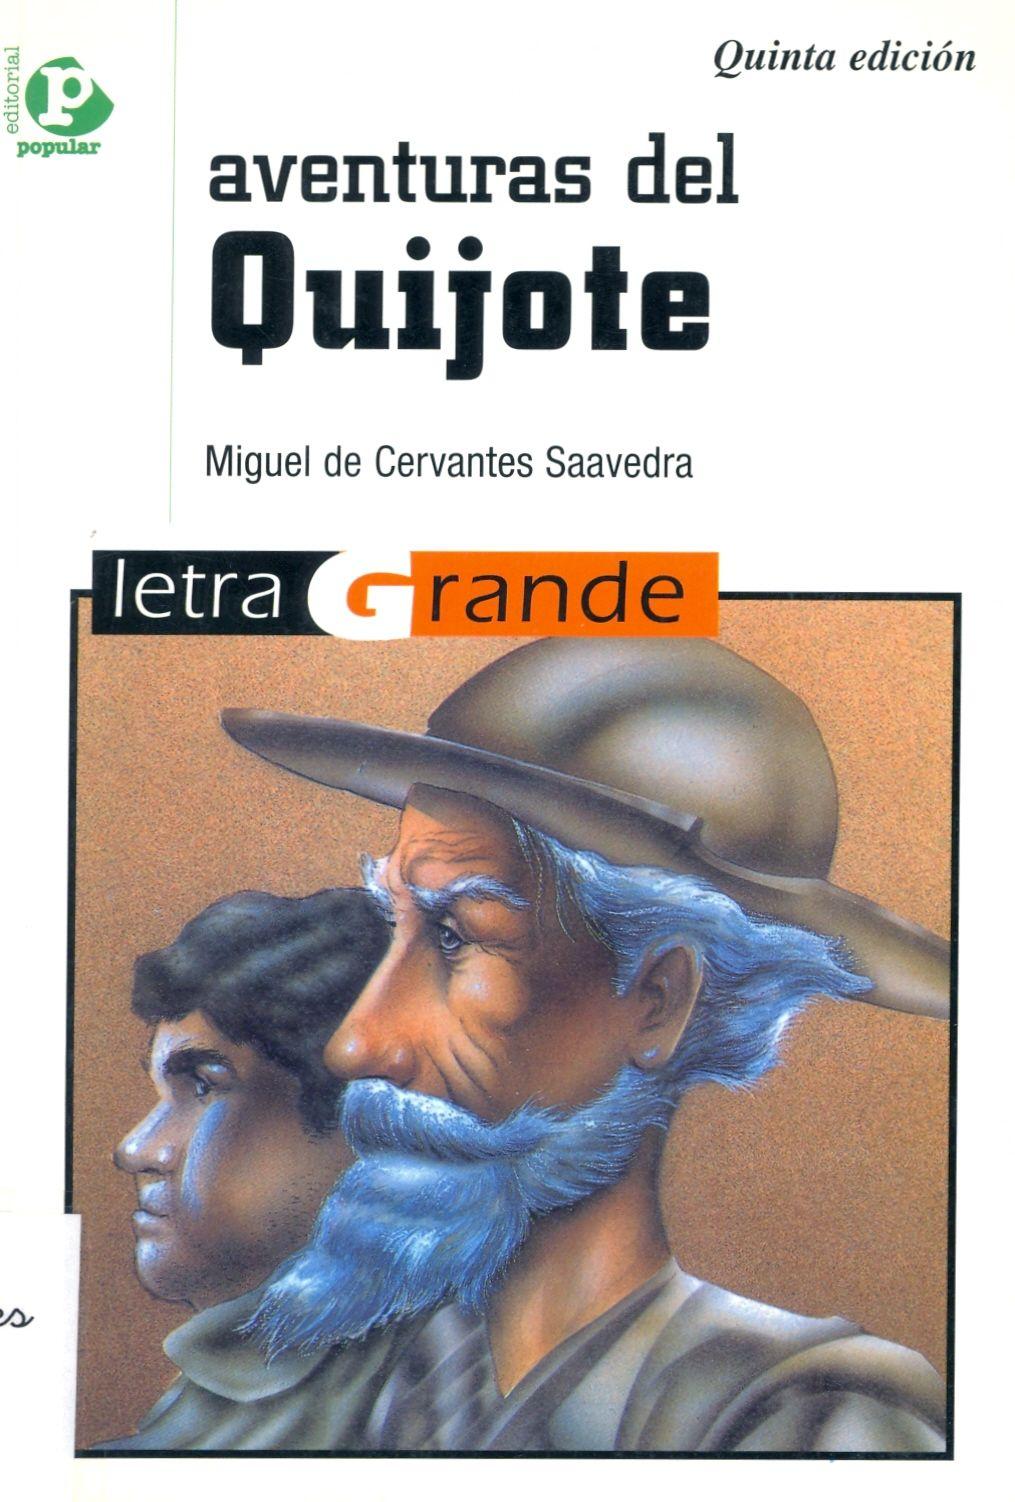 Aventuras del Quijote (2005) - ED/Quijotes 2005/27